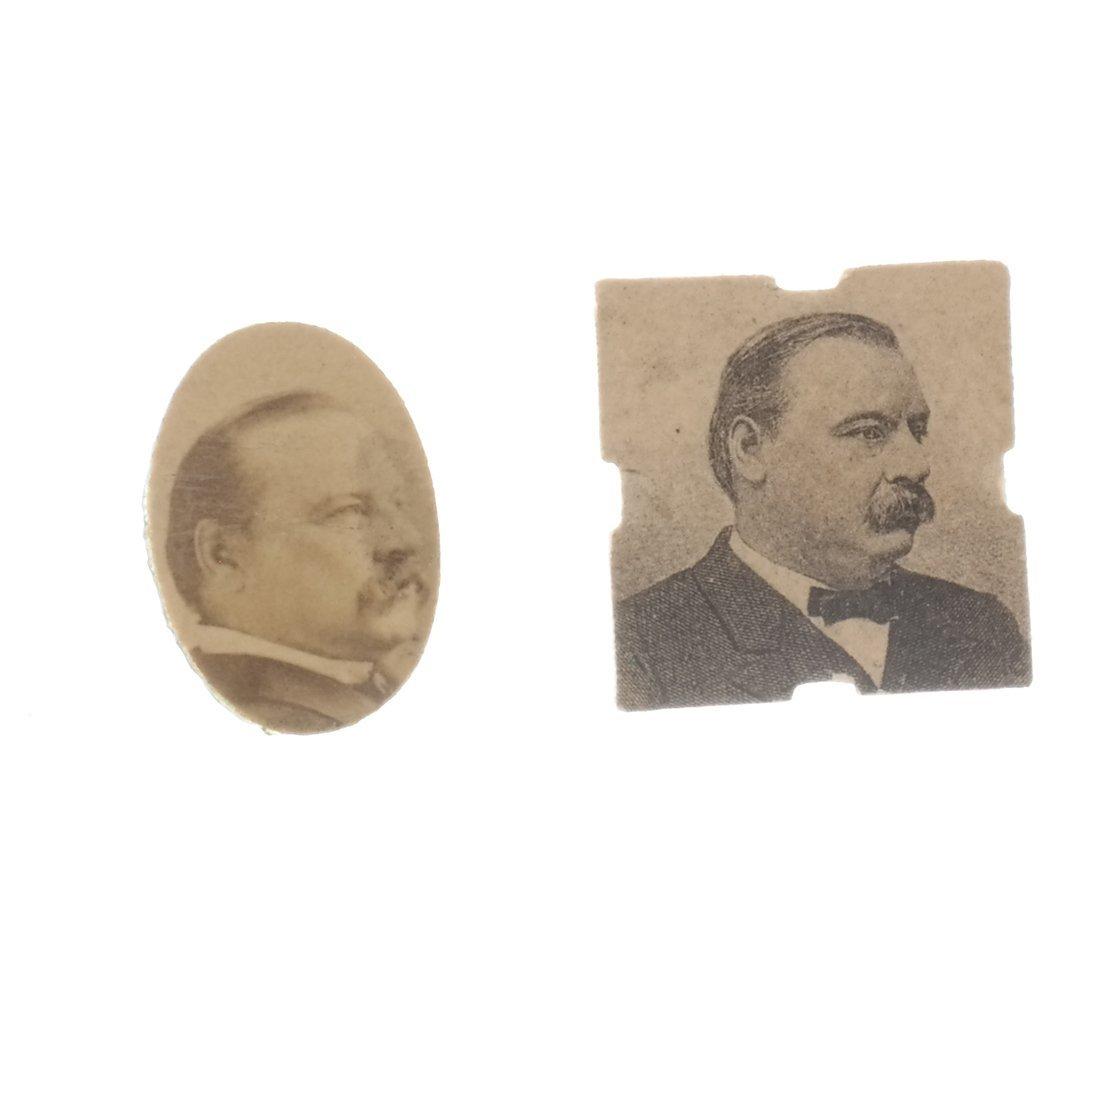 Miscellaneous 1892 Albumen Prints & Badges - 7